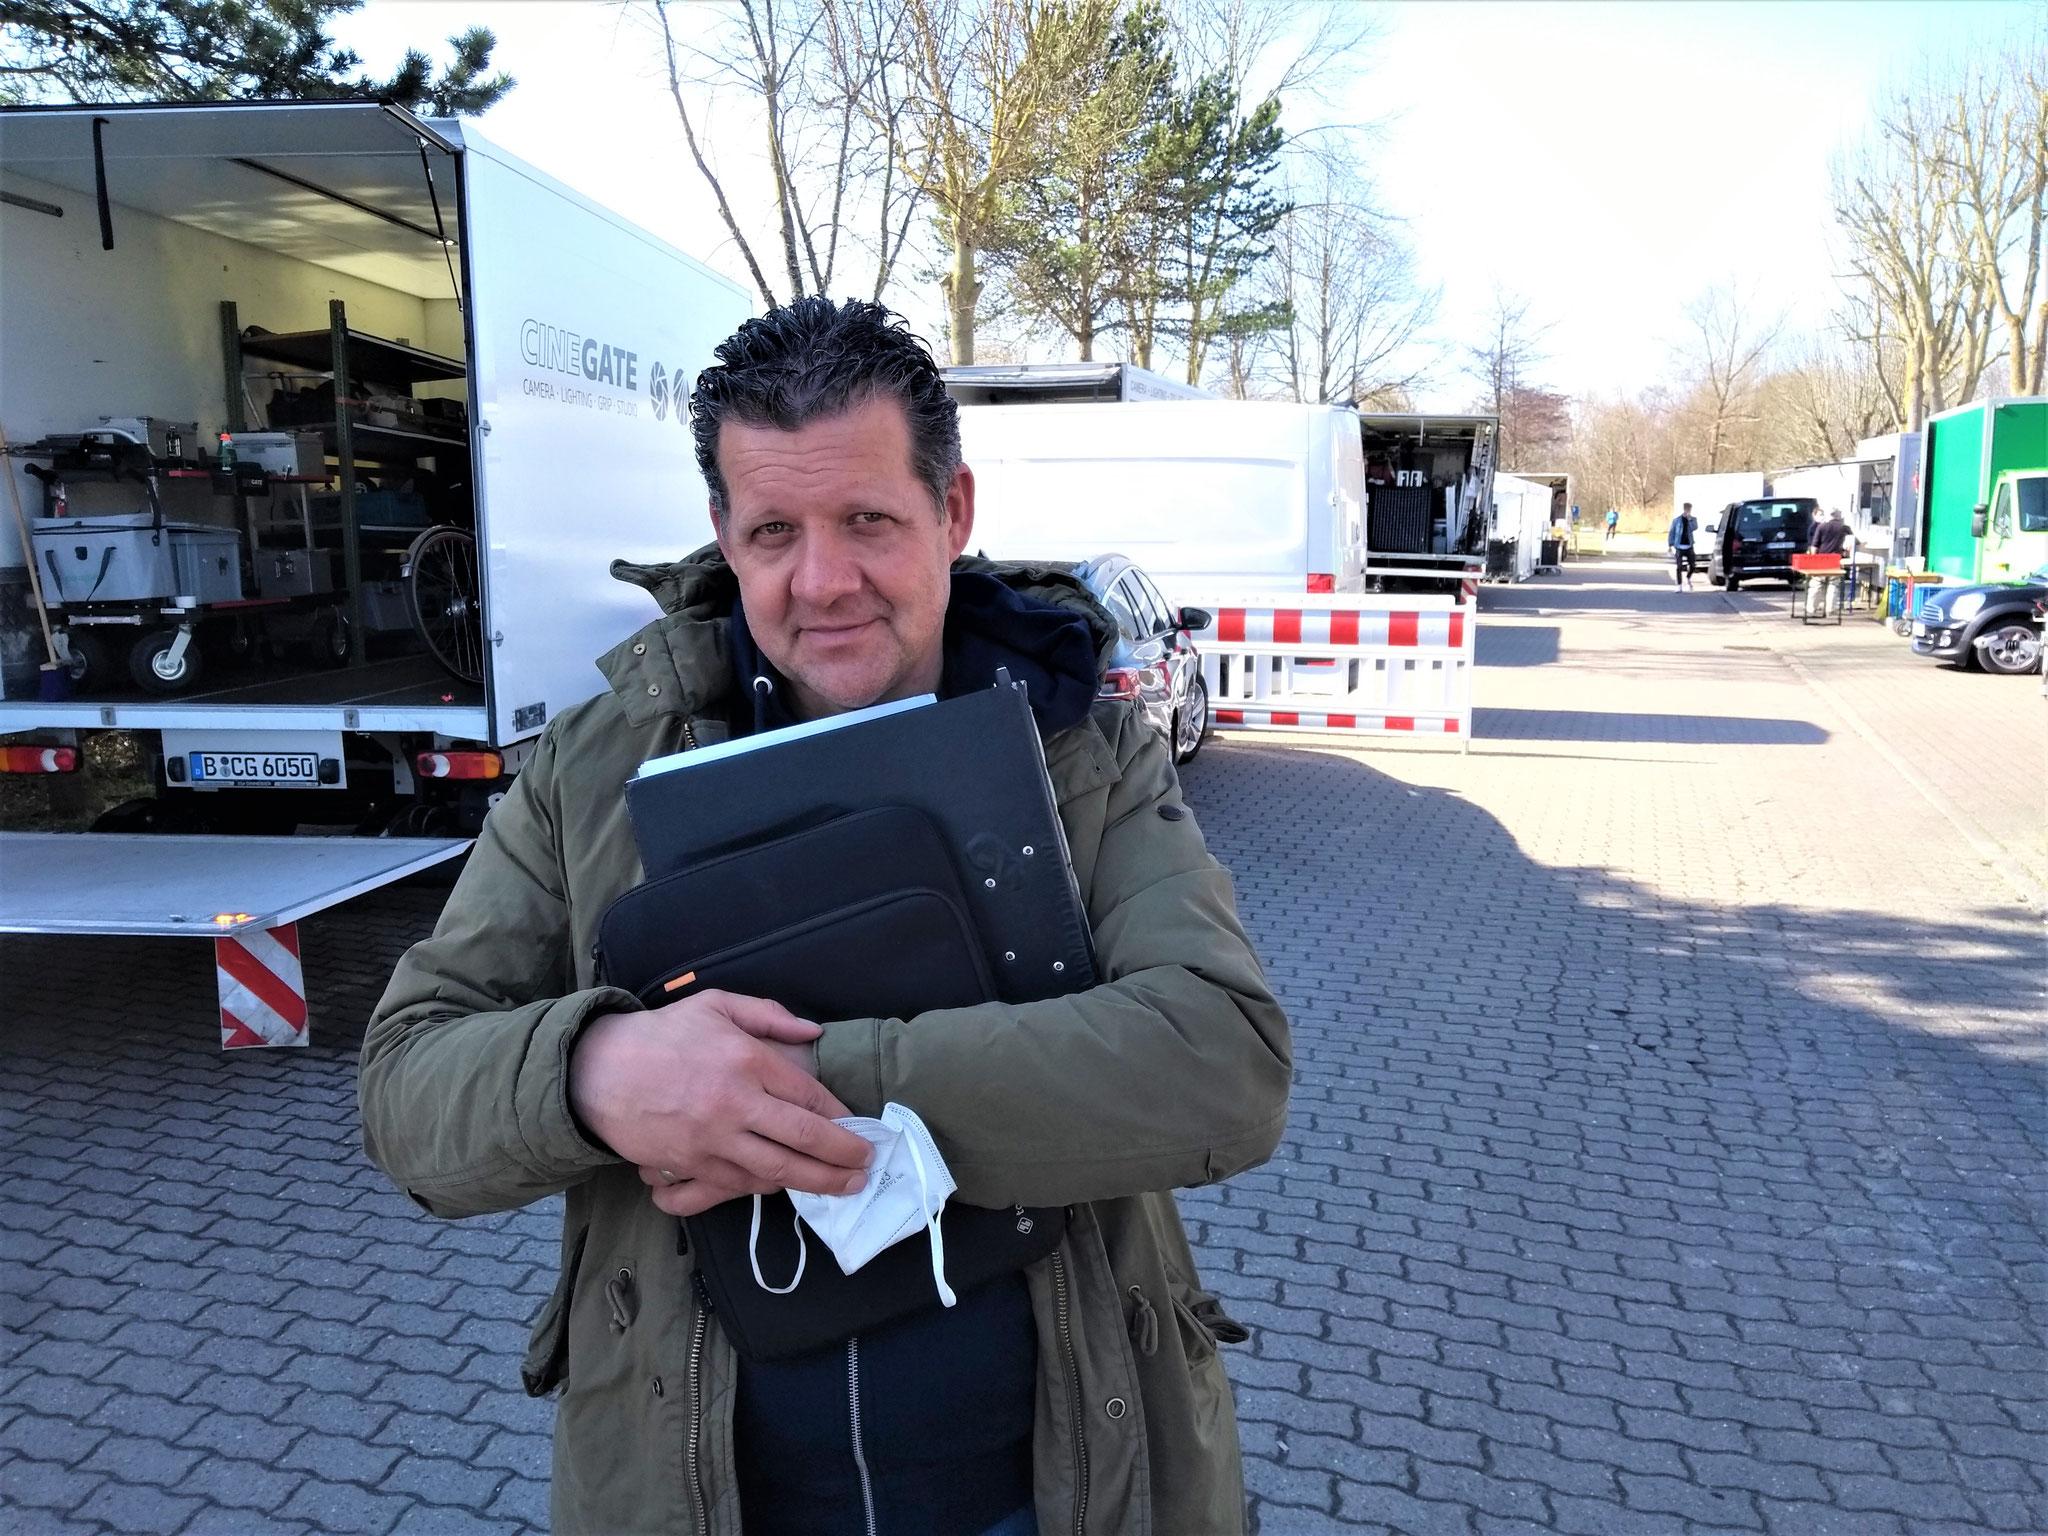 Stefan Kruppa, Redaktionsleiter ARD Degeto, kennt die Homepage wirliebendahem.de